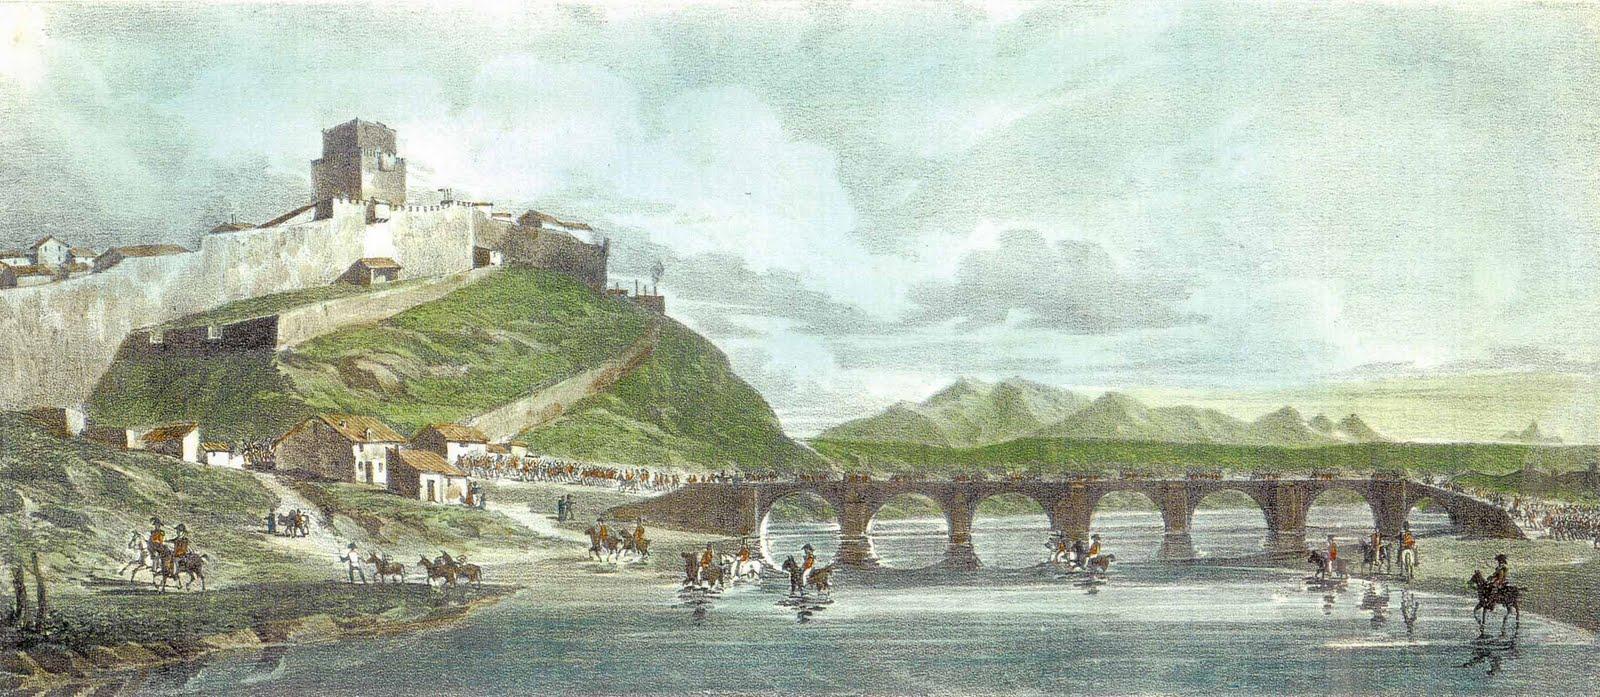 Historia desde Benavente: Imágenes de la guerra de la Independencia (2)